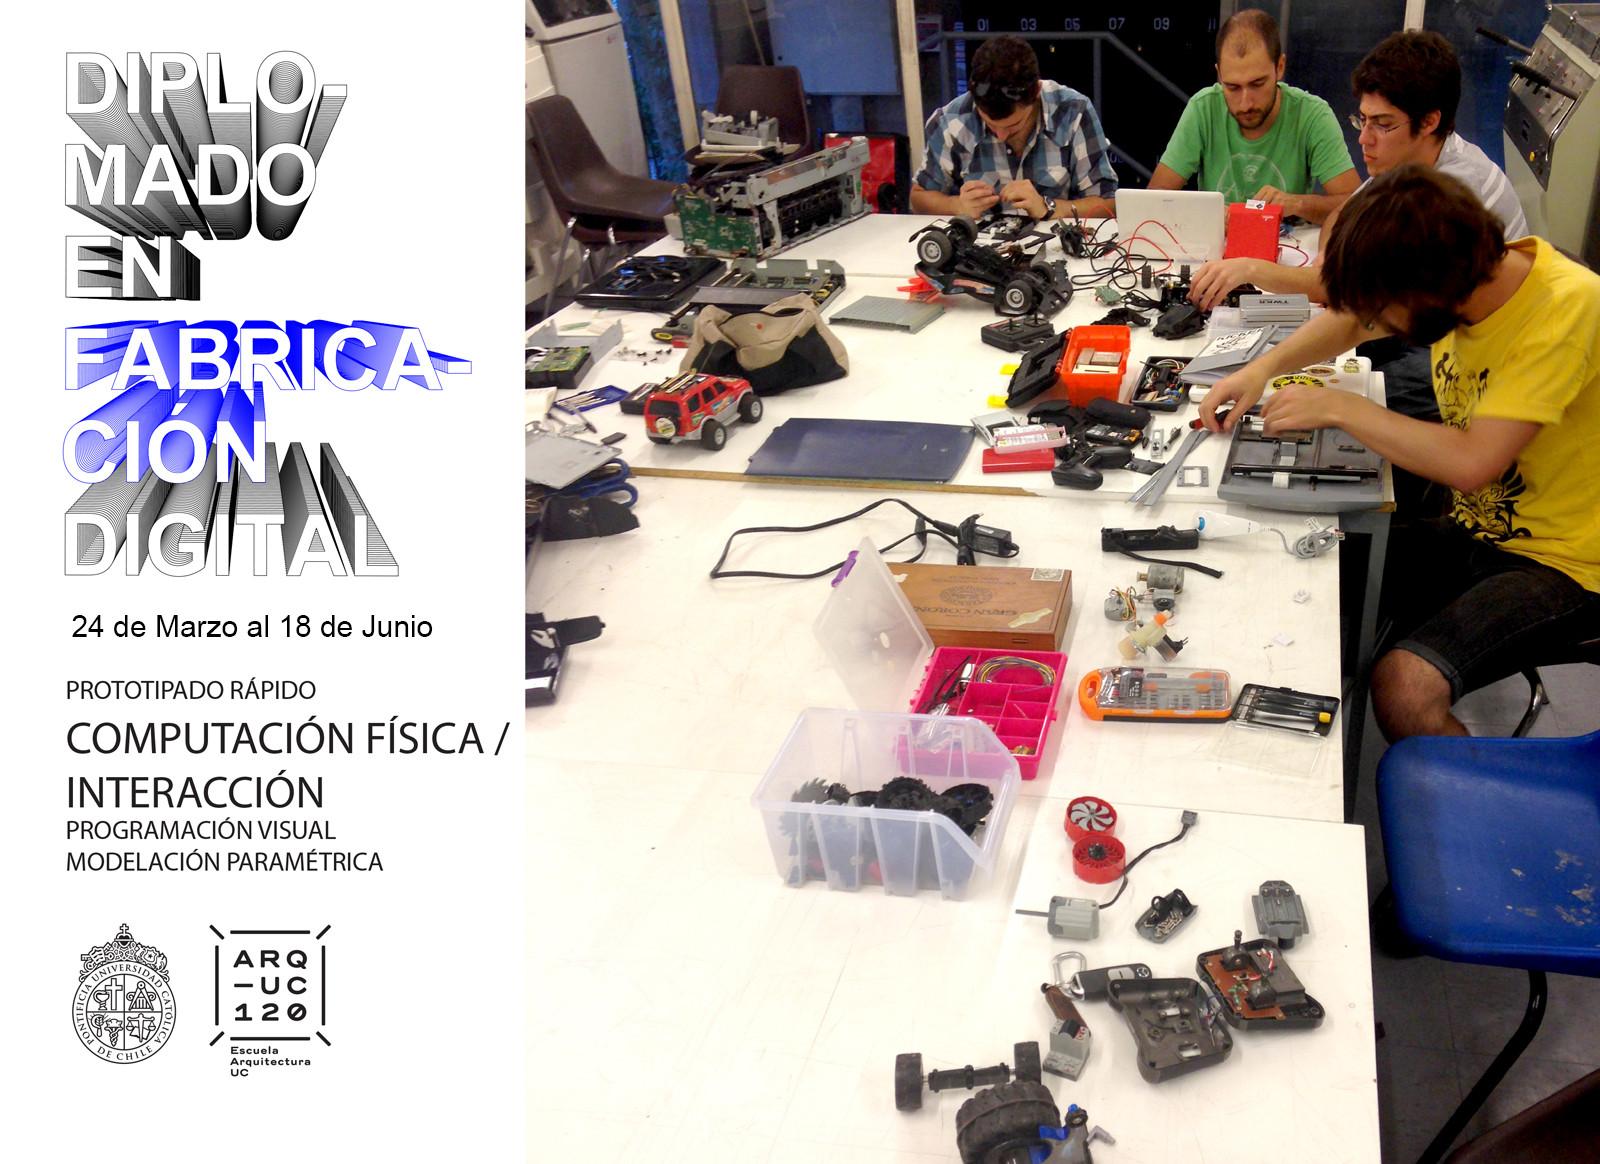 Diplomado en Fabricación Digital: Diseño y Producción de Prototipos